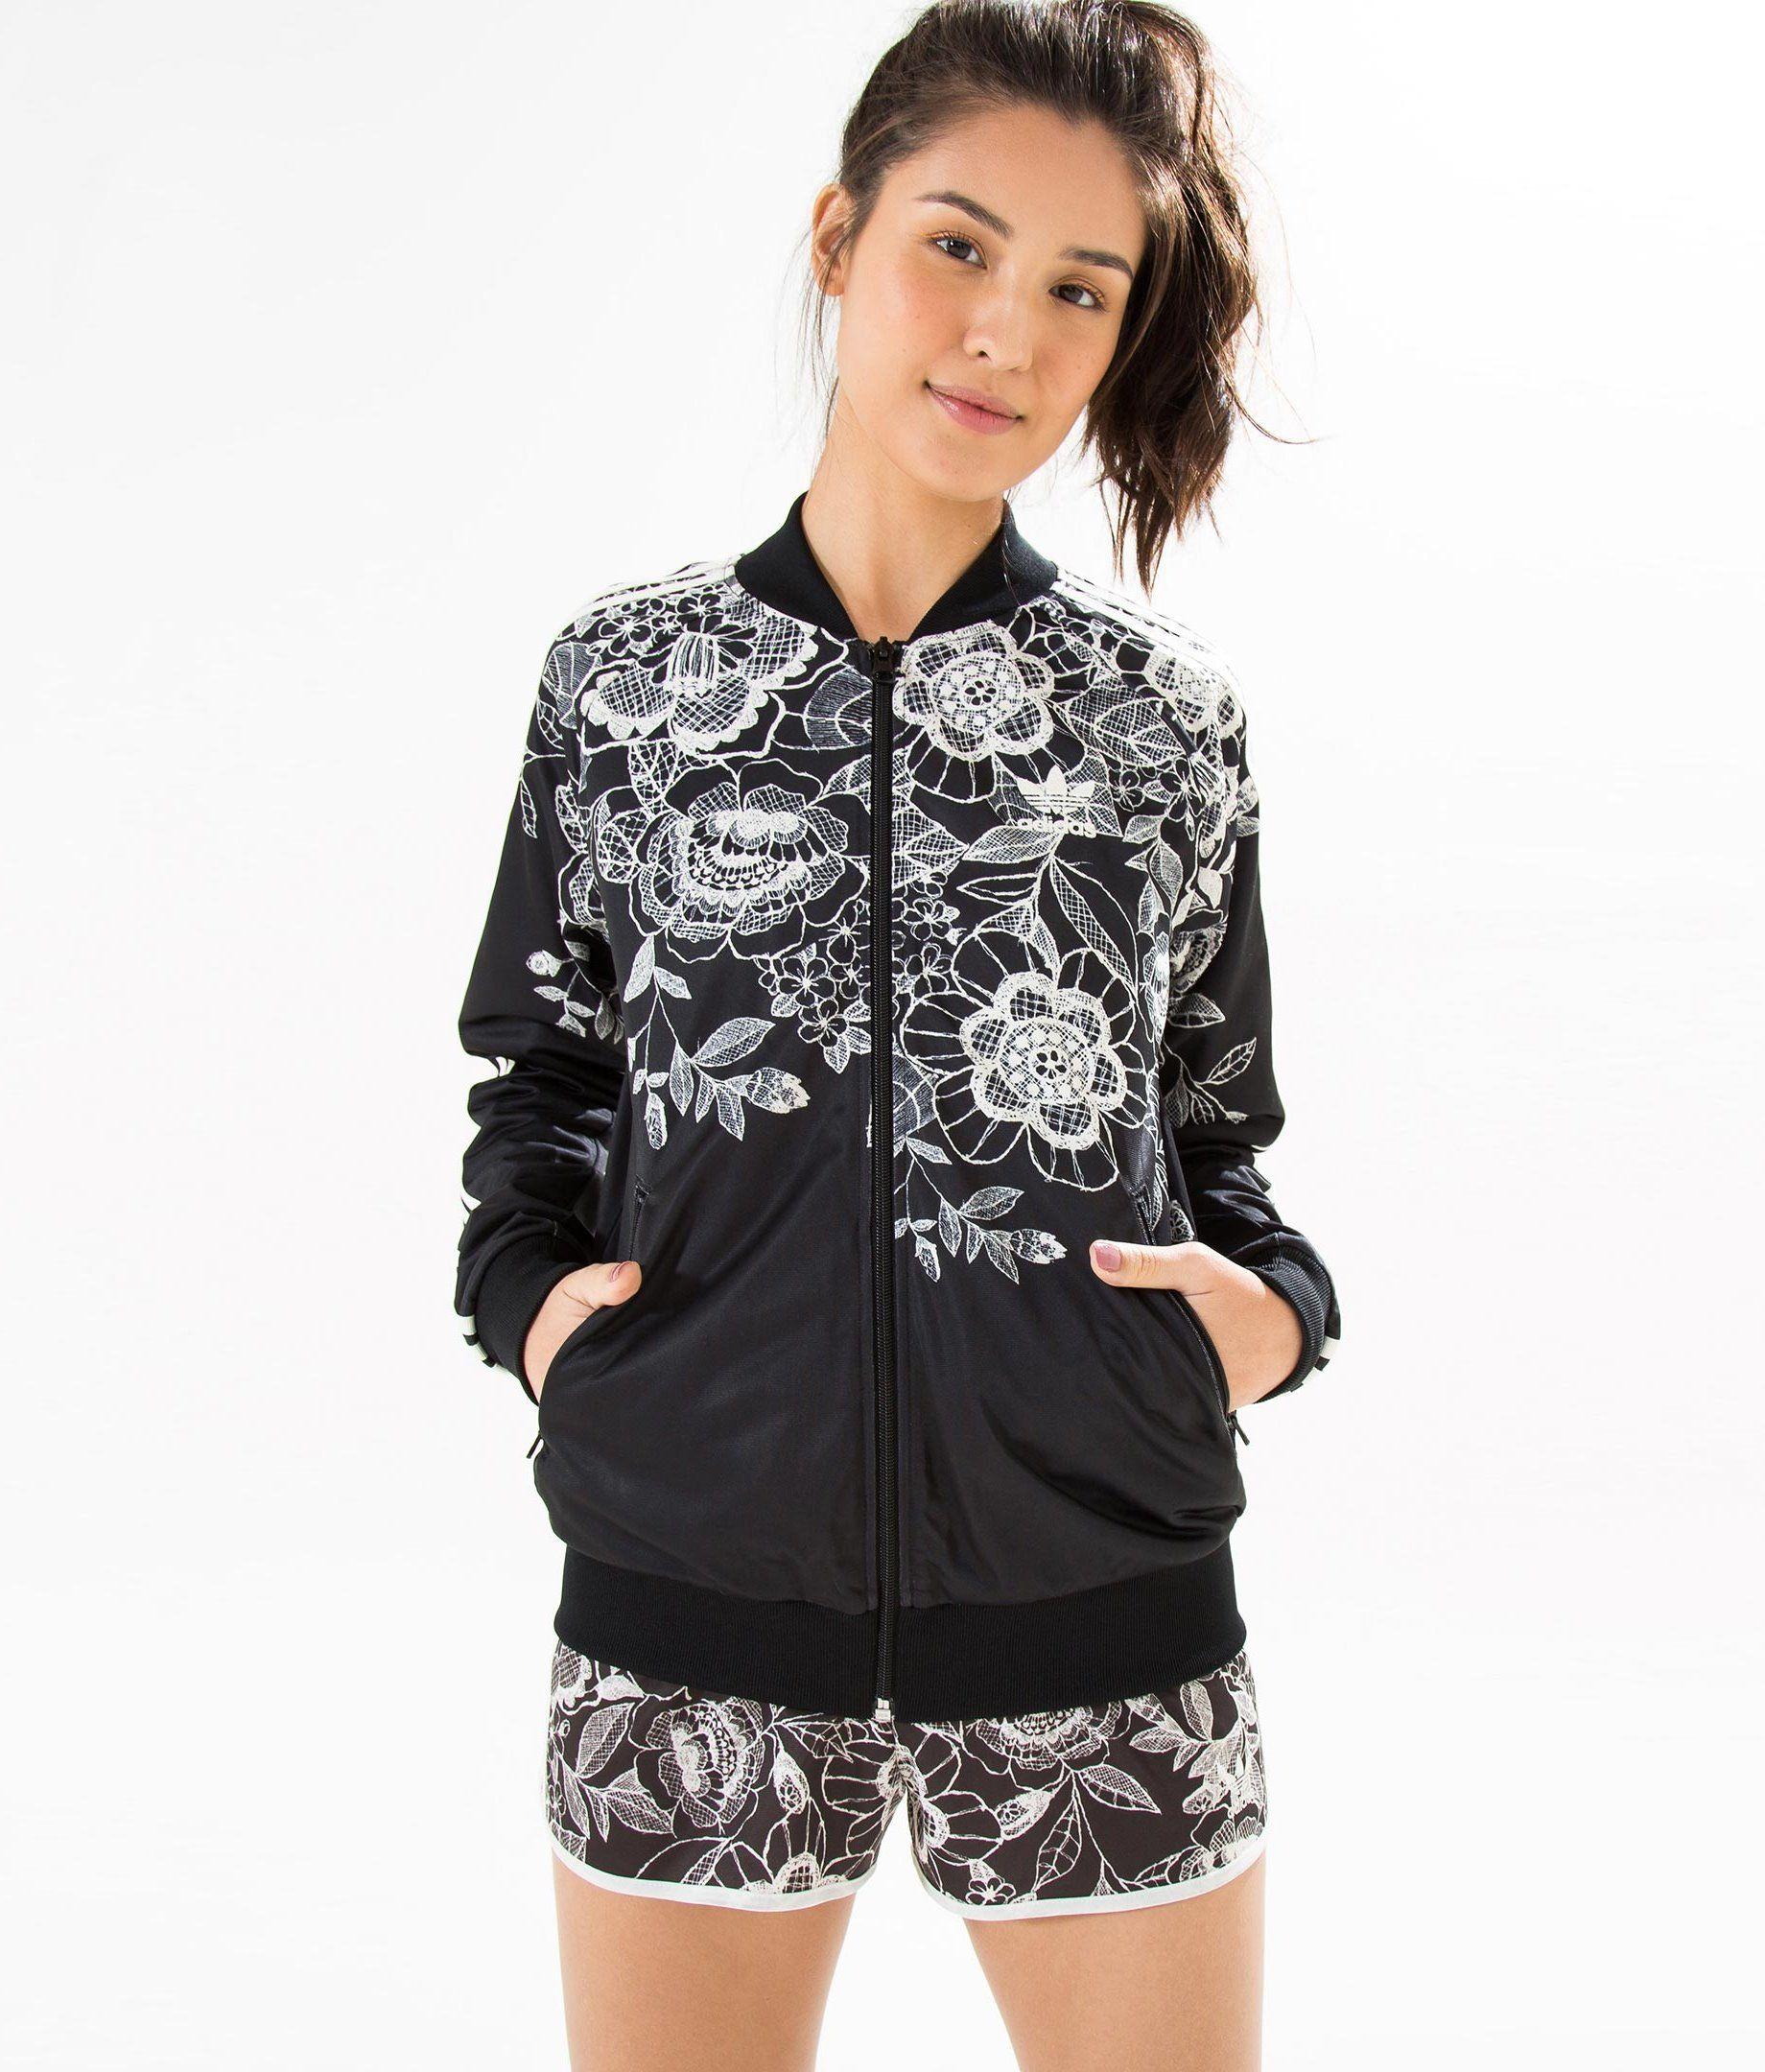 8422d773f95 jaqueta florido adidas